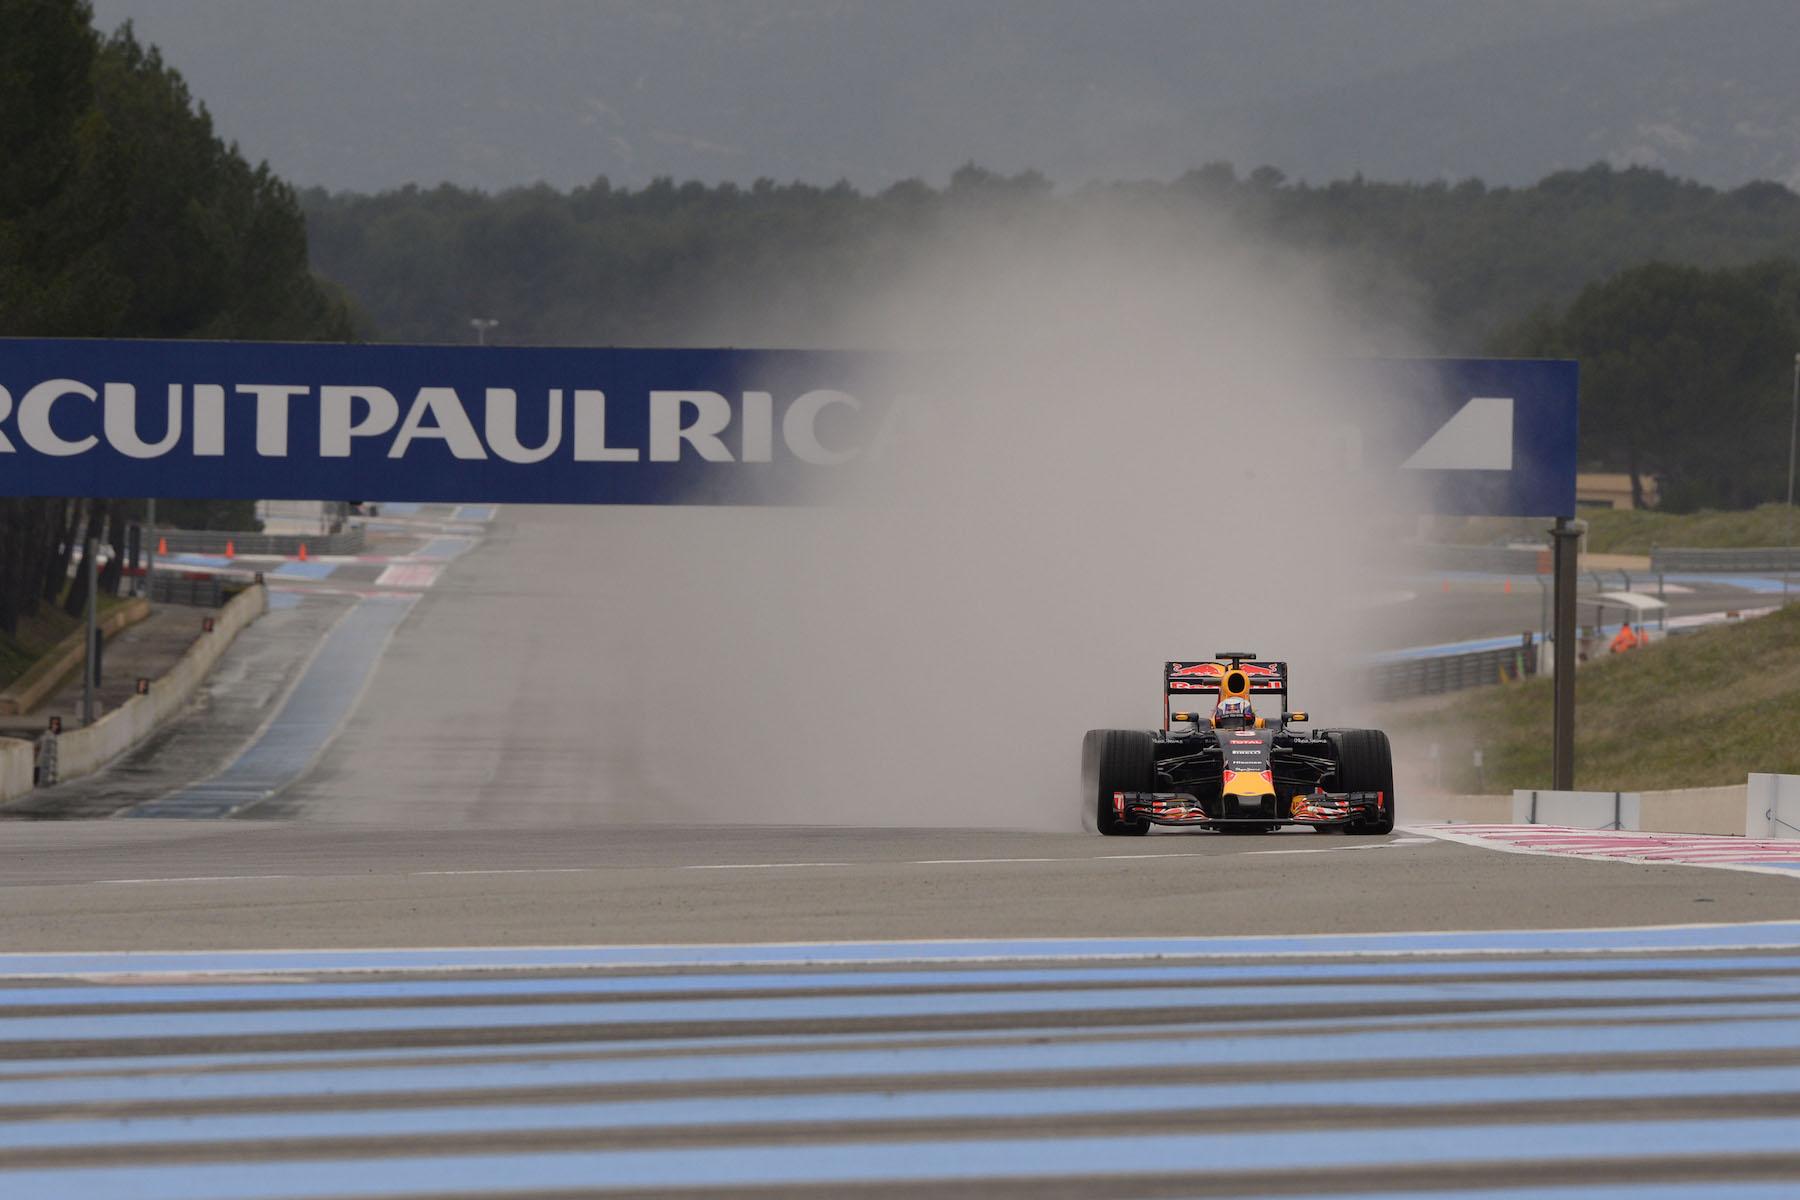 Daniel Ricciardo in France for Pireili's wet tire test